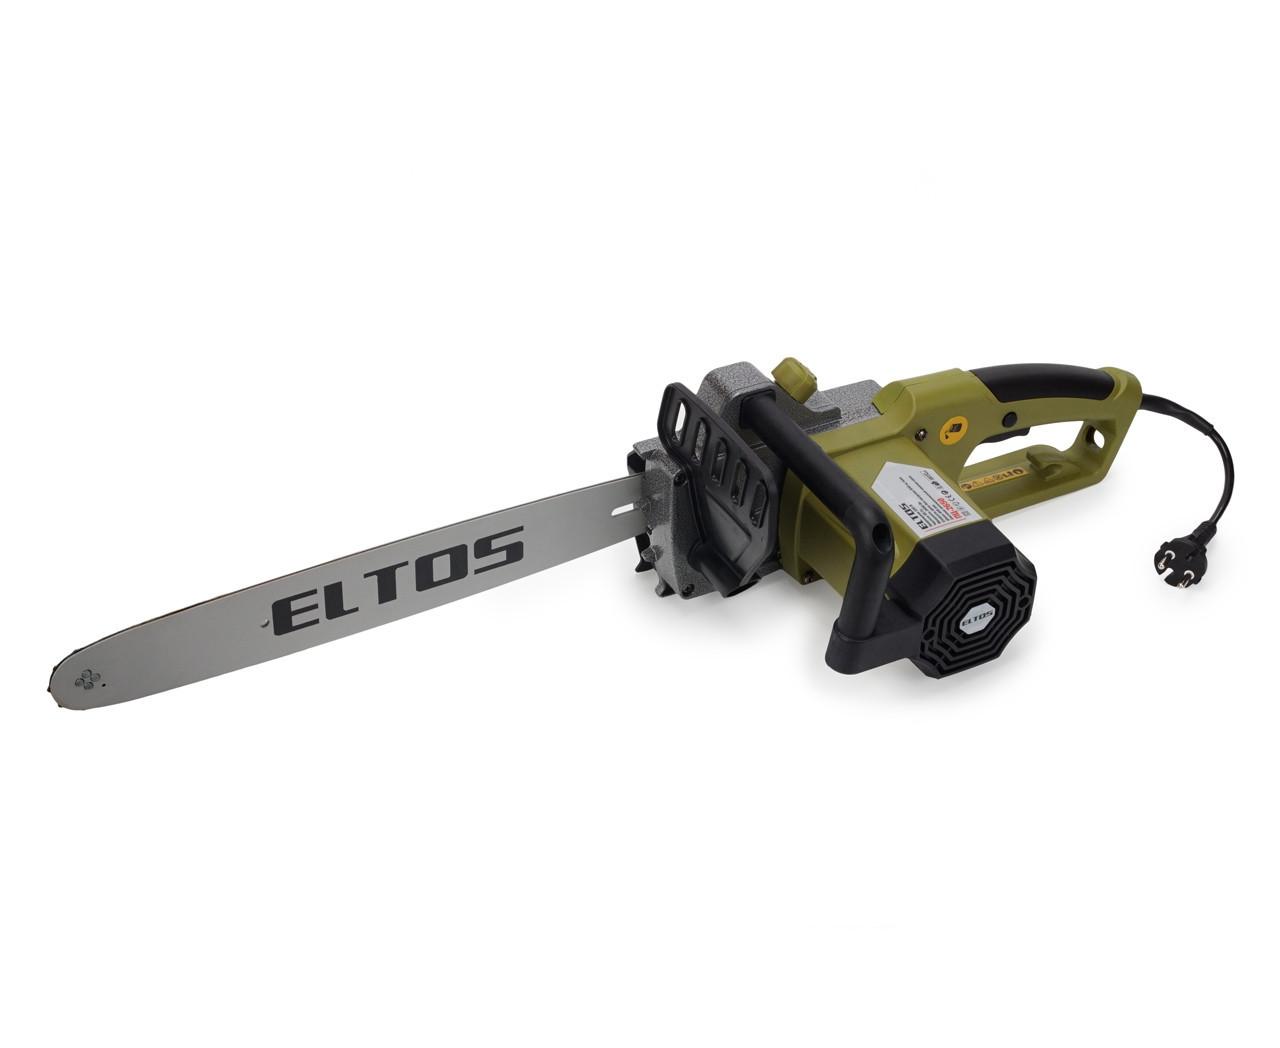 Пила цепная электрическая Eltos ПЦ-2650